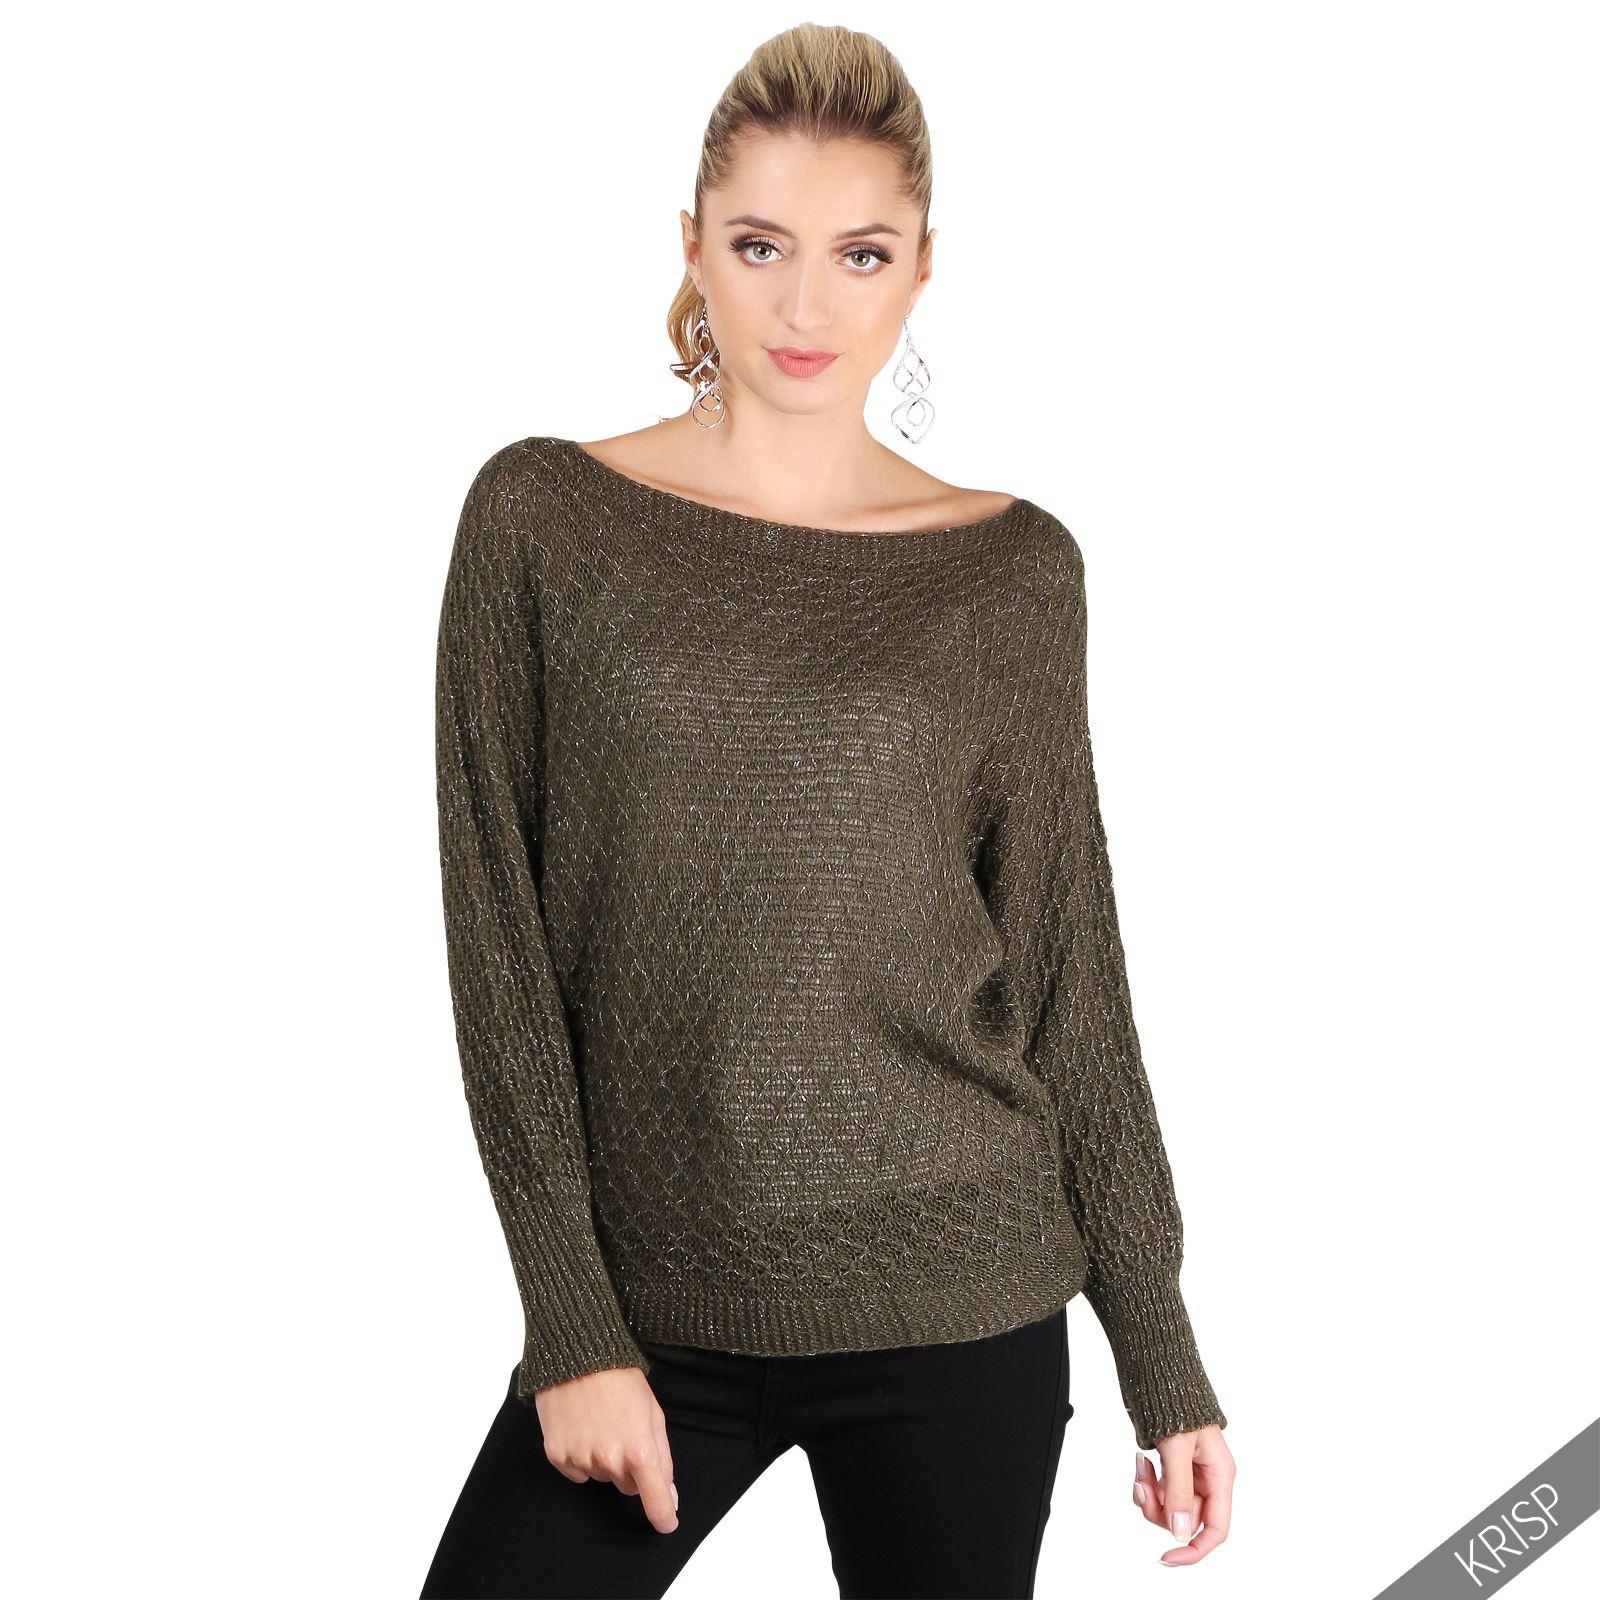 KRISP Jersey Mujer Largo Suéter Punto Lana Manga Larga